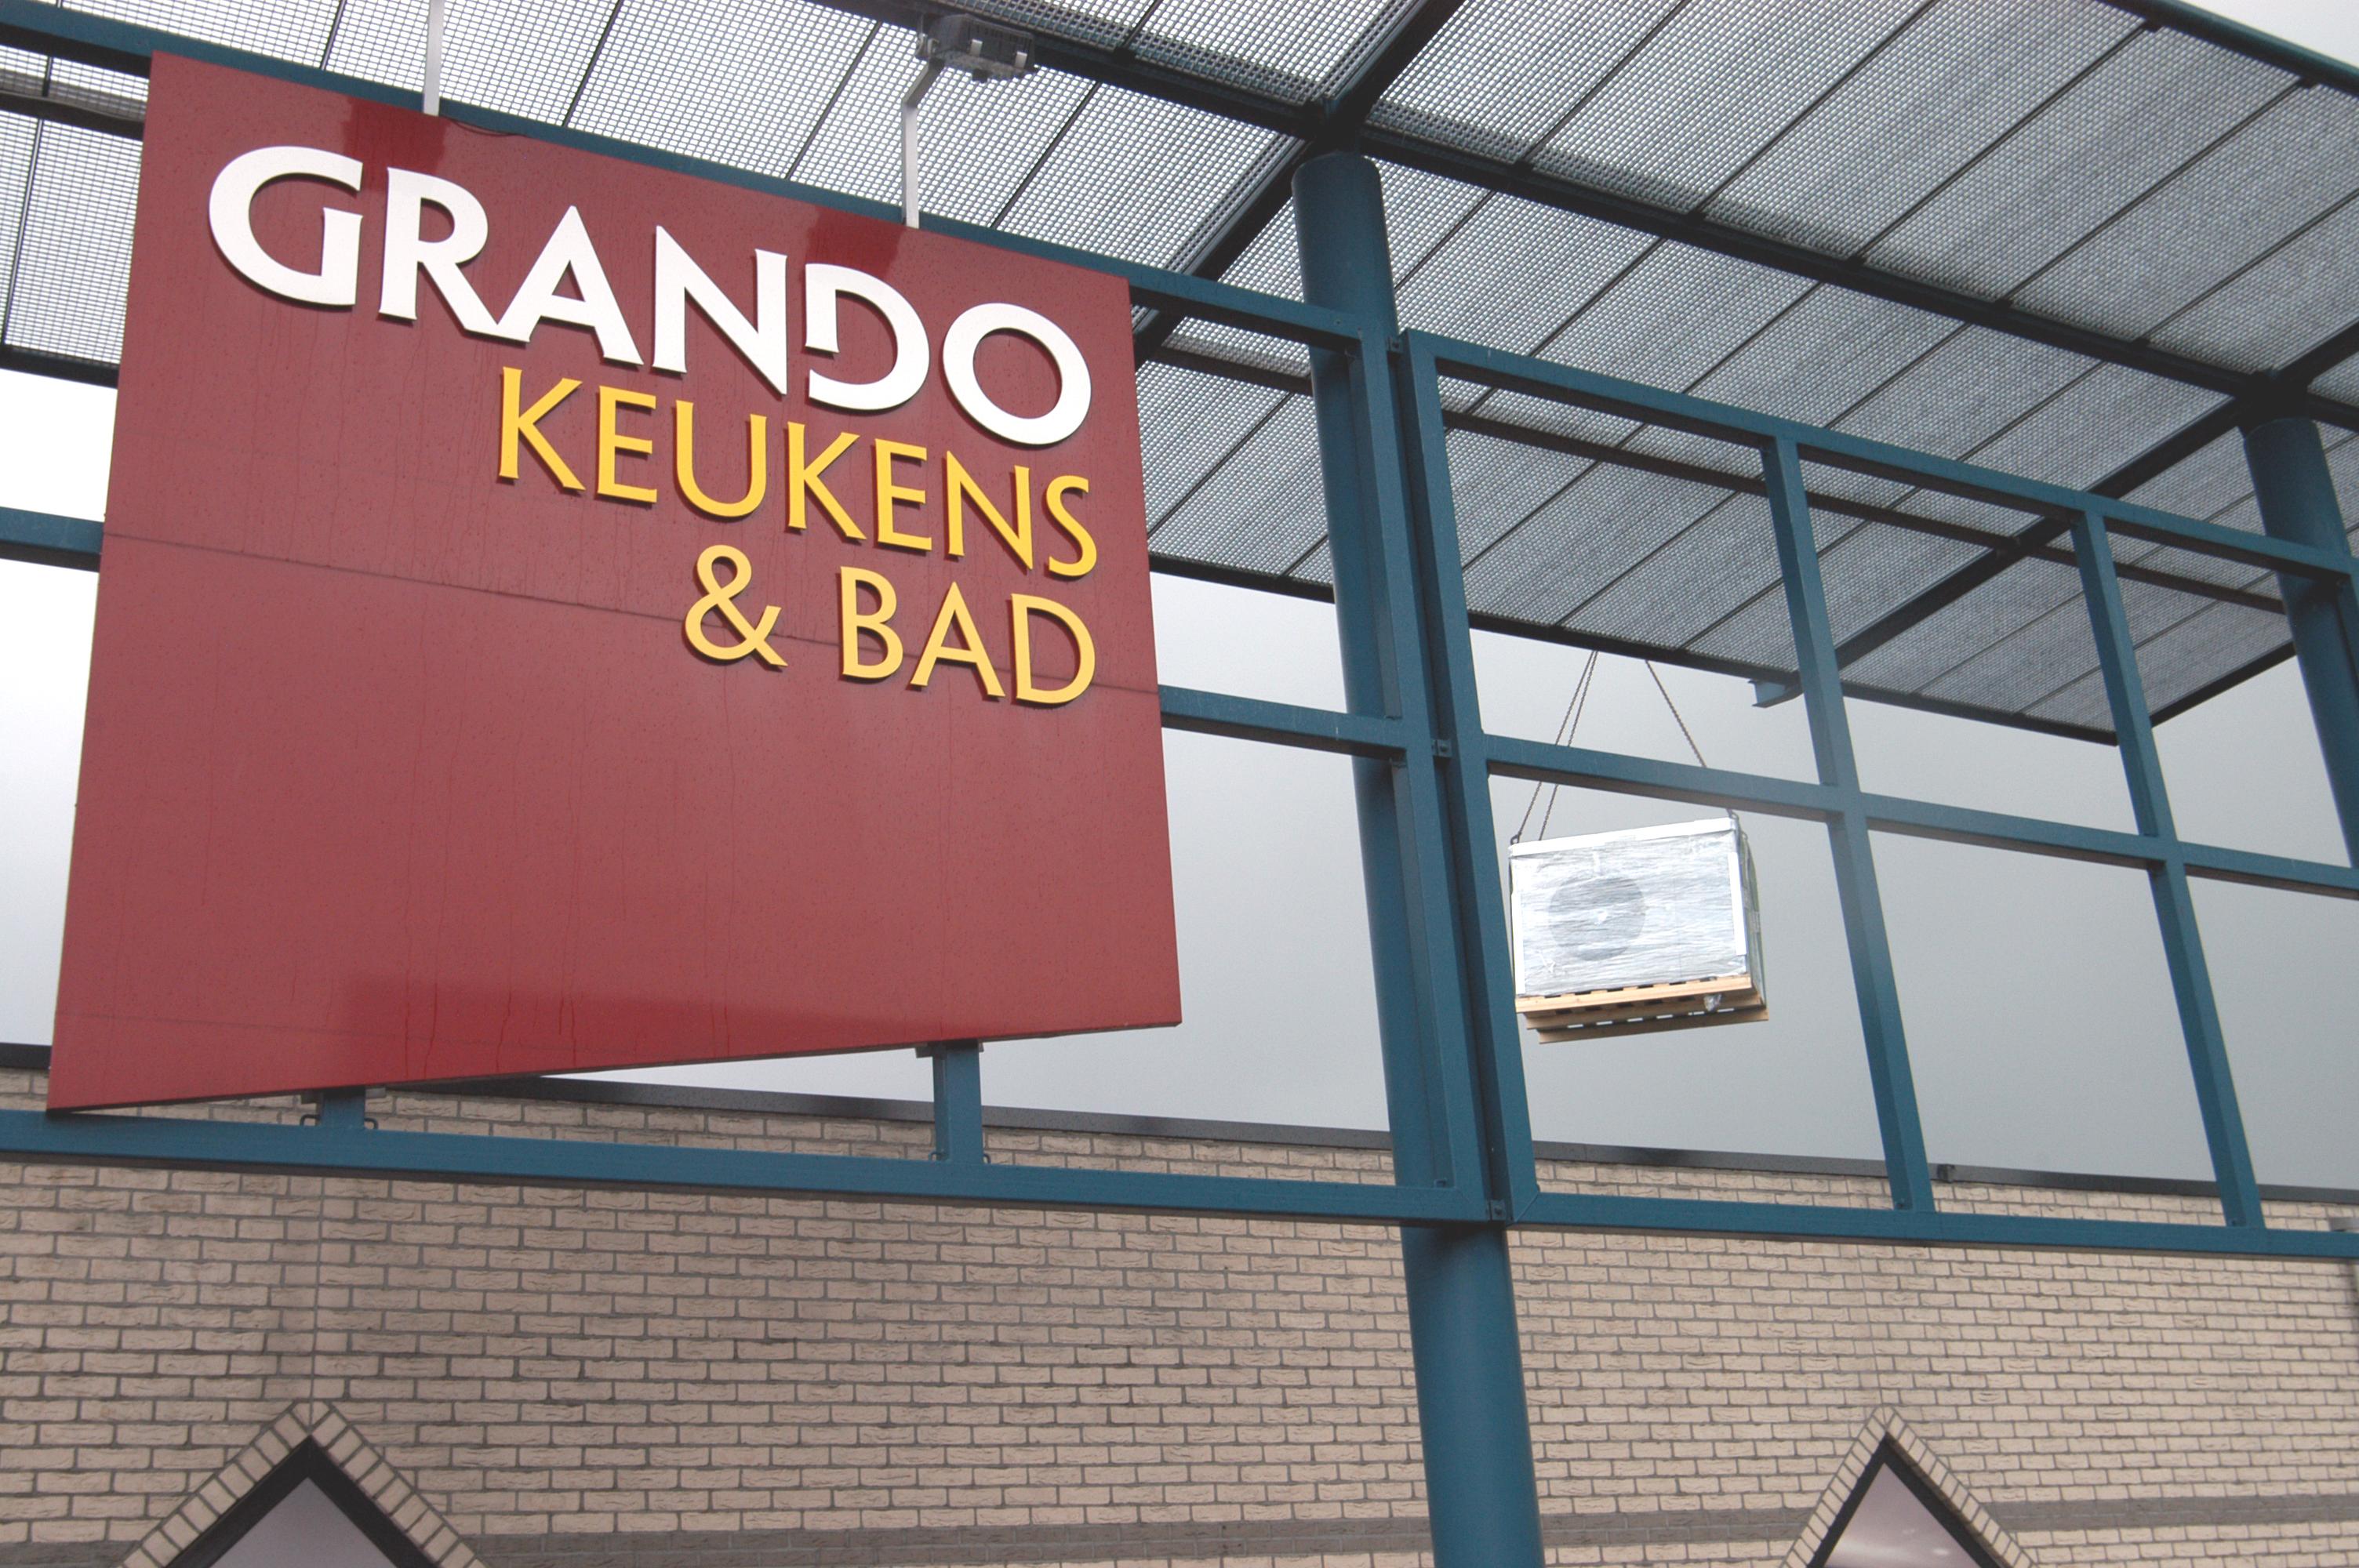 <strong>Grando keukens & bad Zwaag </strong>